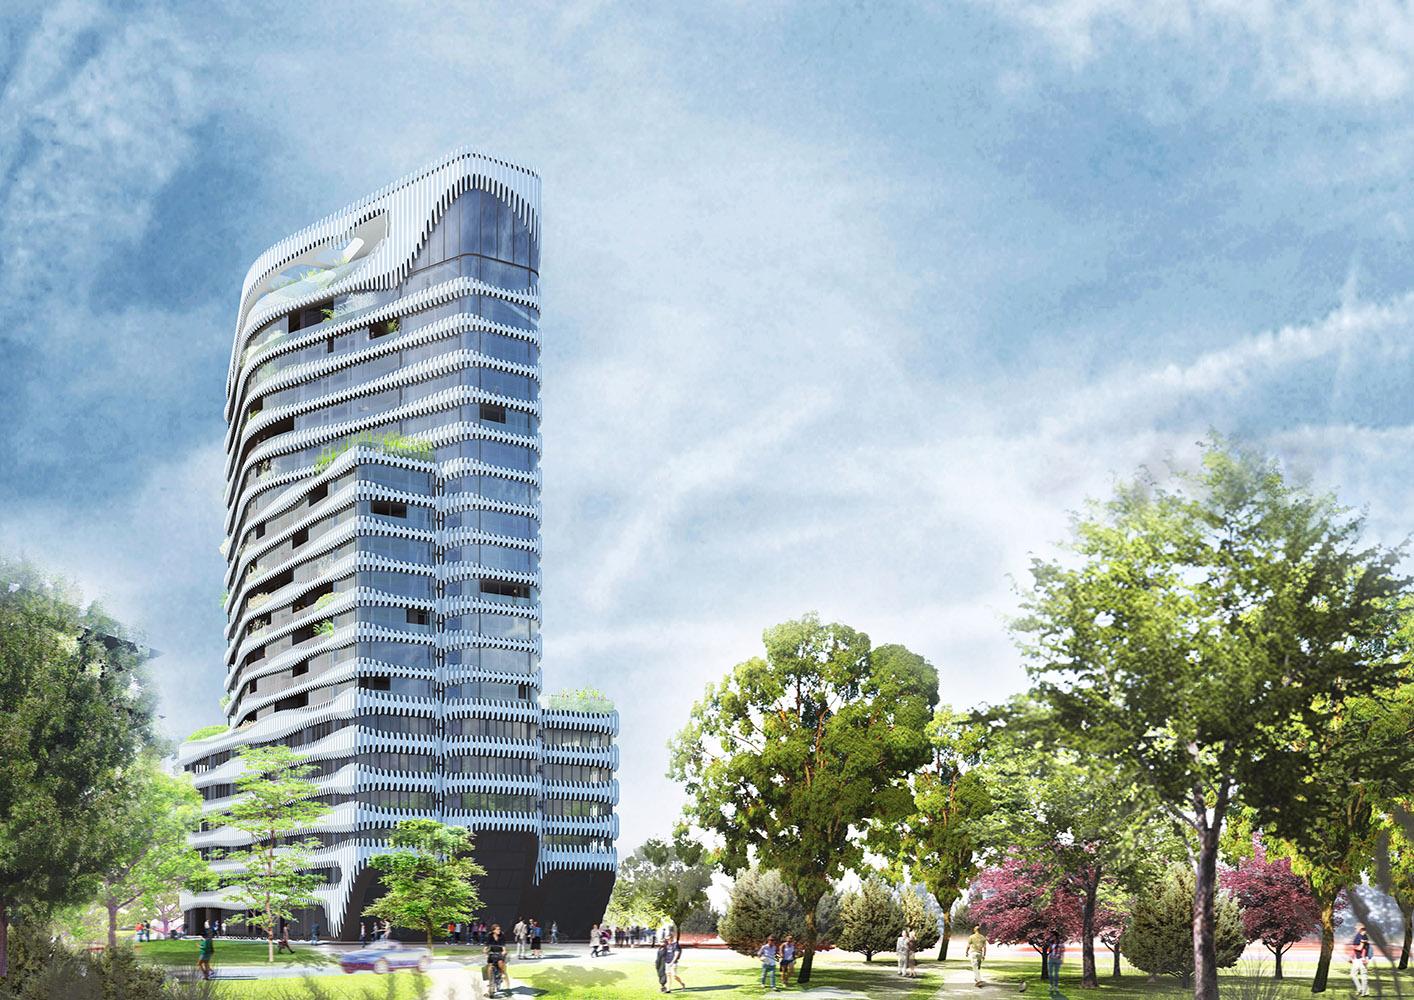 RKM-180302_Suedwest-Tag_Variante3_1000x1000 VELA HOTELS eröffnet Boardinghouse mit 190 Studios und Appartements in Düsseldorf